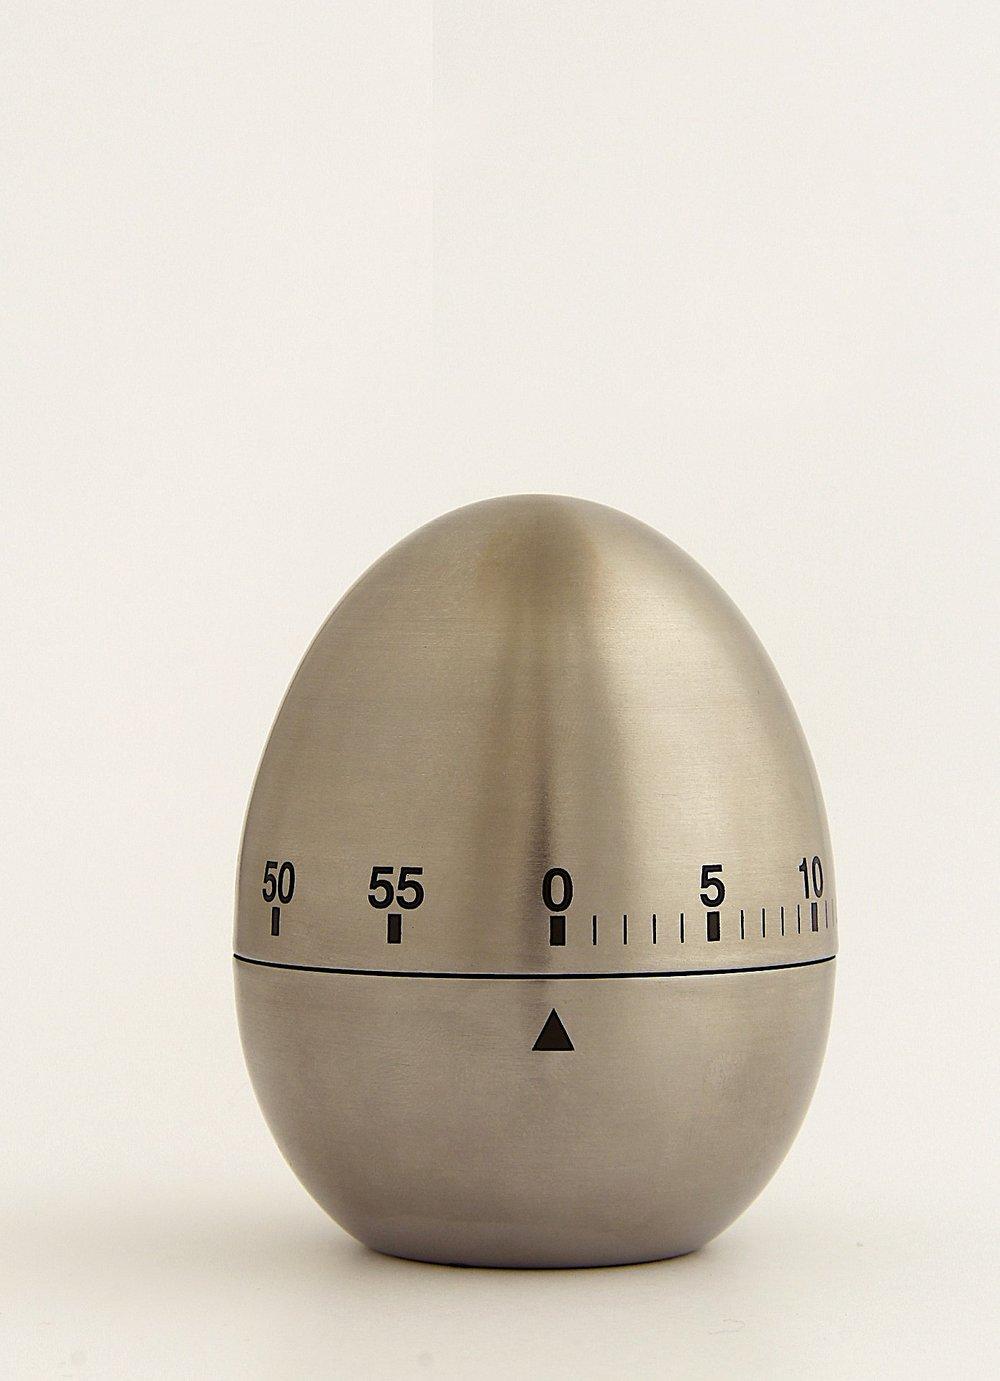 egg-919299_1920.jpg